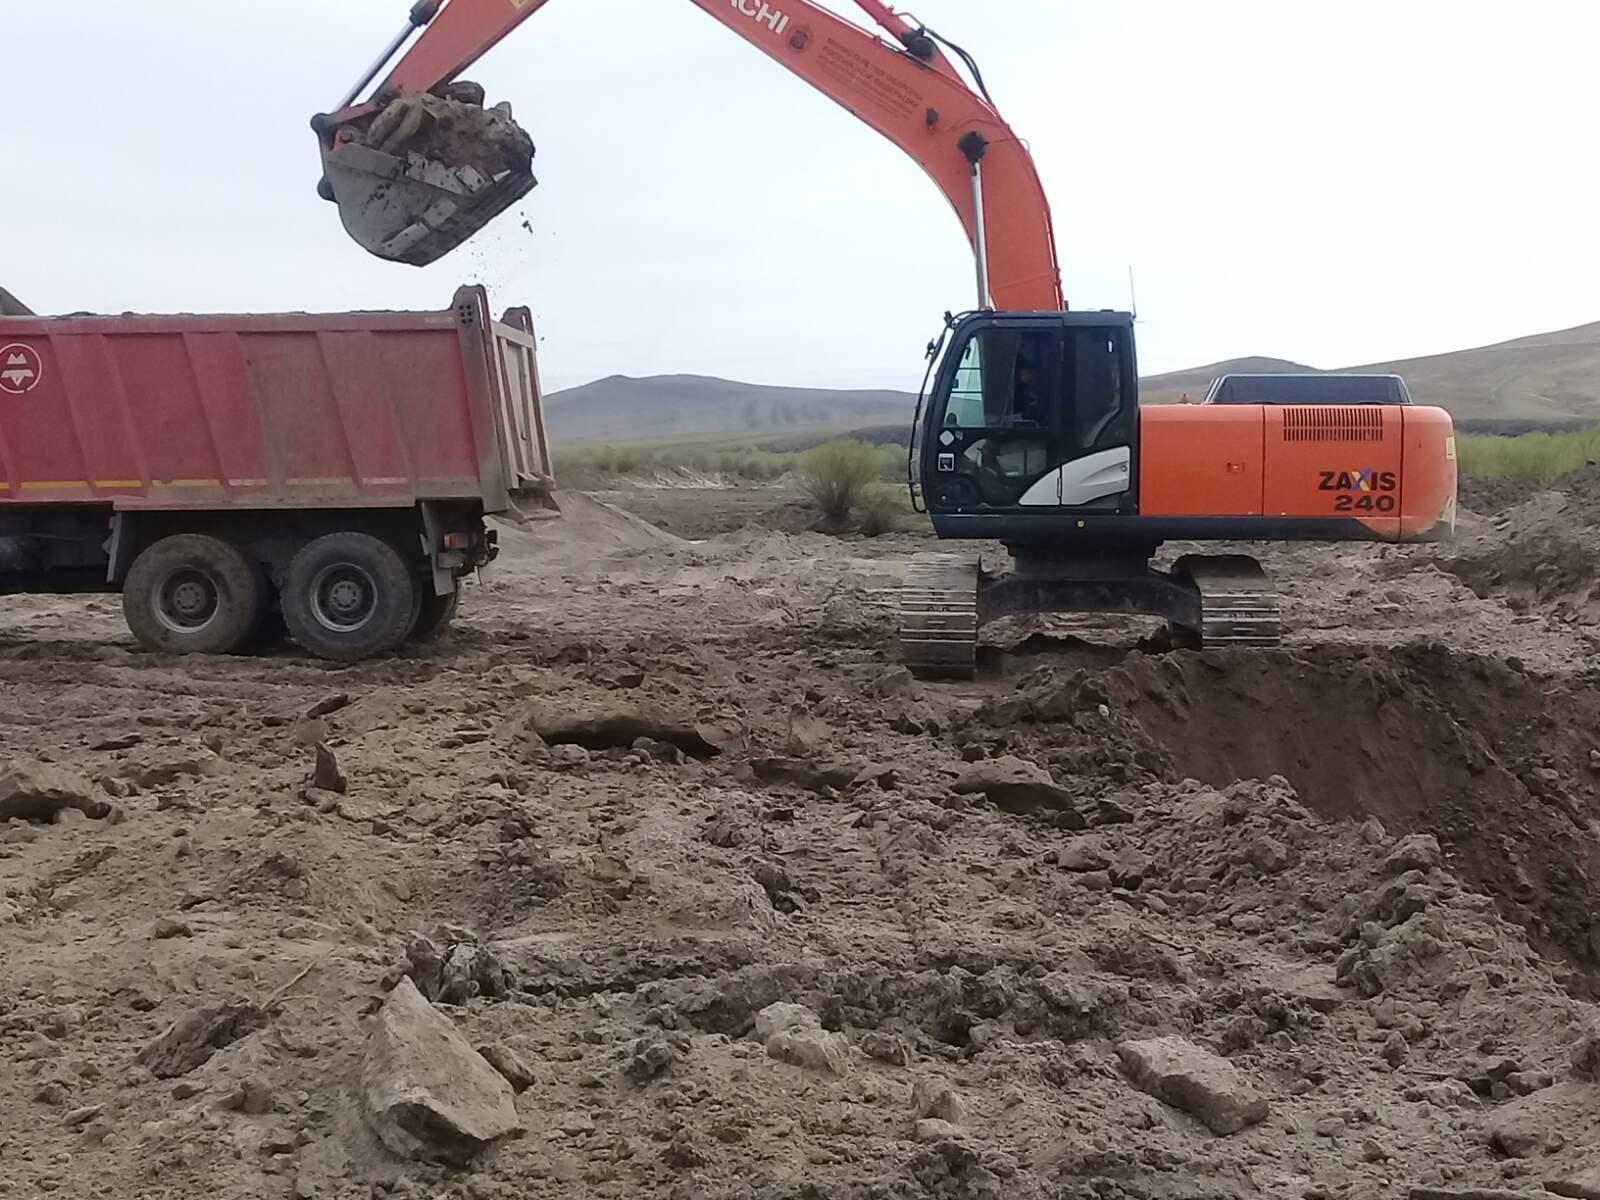 Жители Нуринска выступают против уничтожения озера, которое засыпали для вывоза ПГС на военный аэродром (видео)